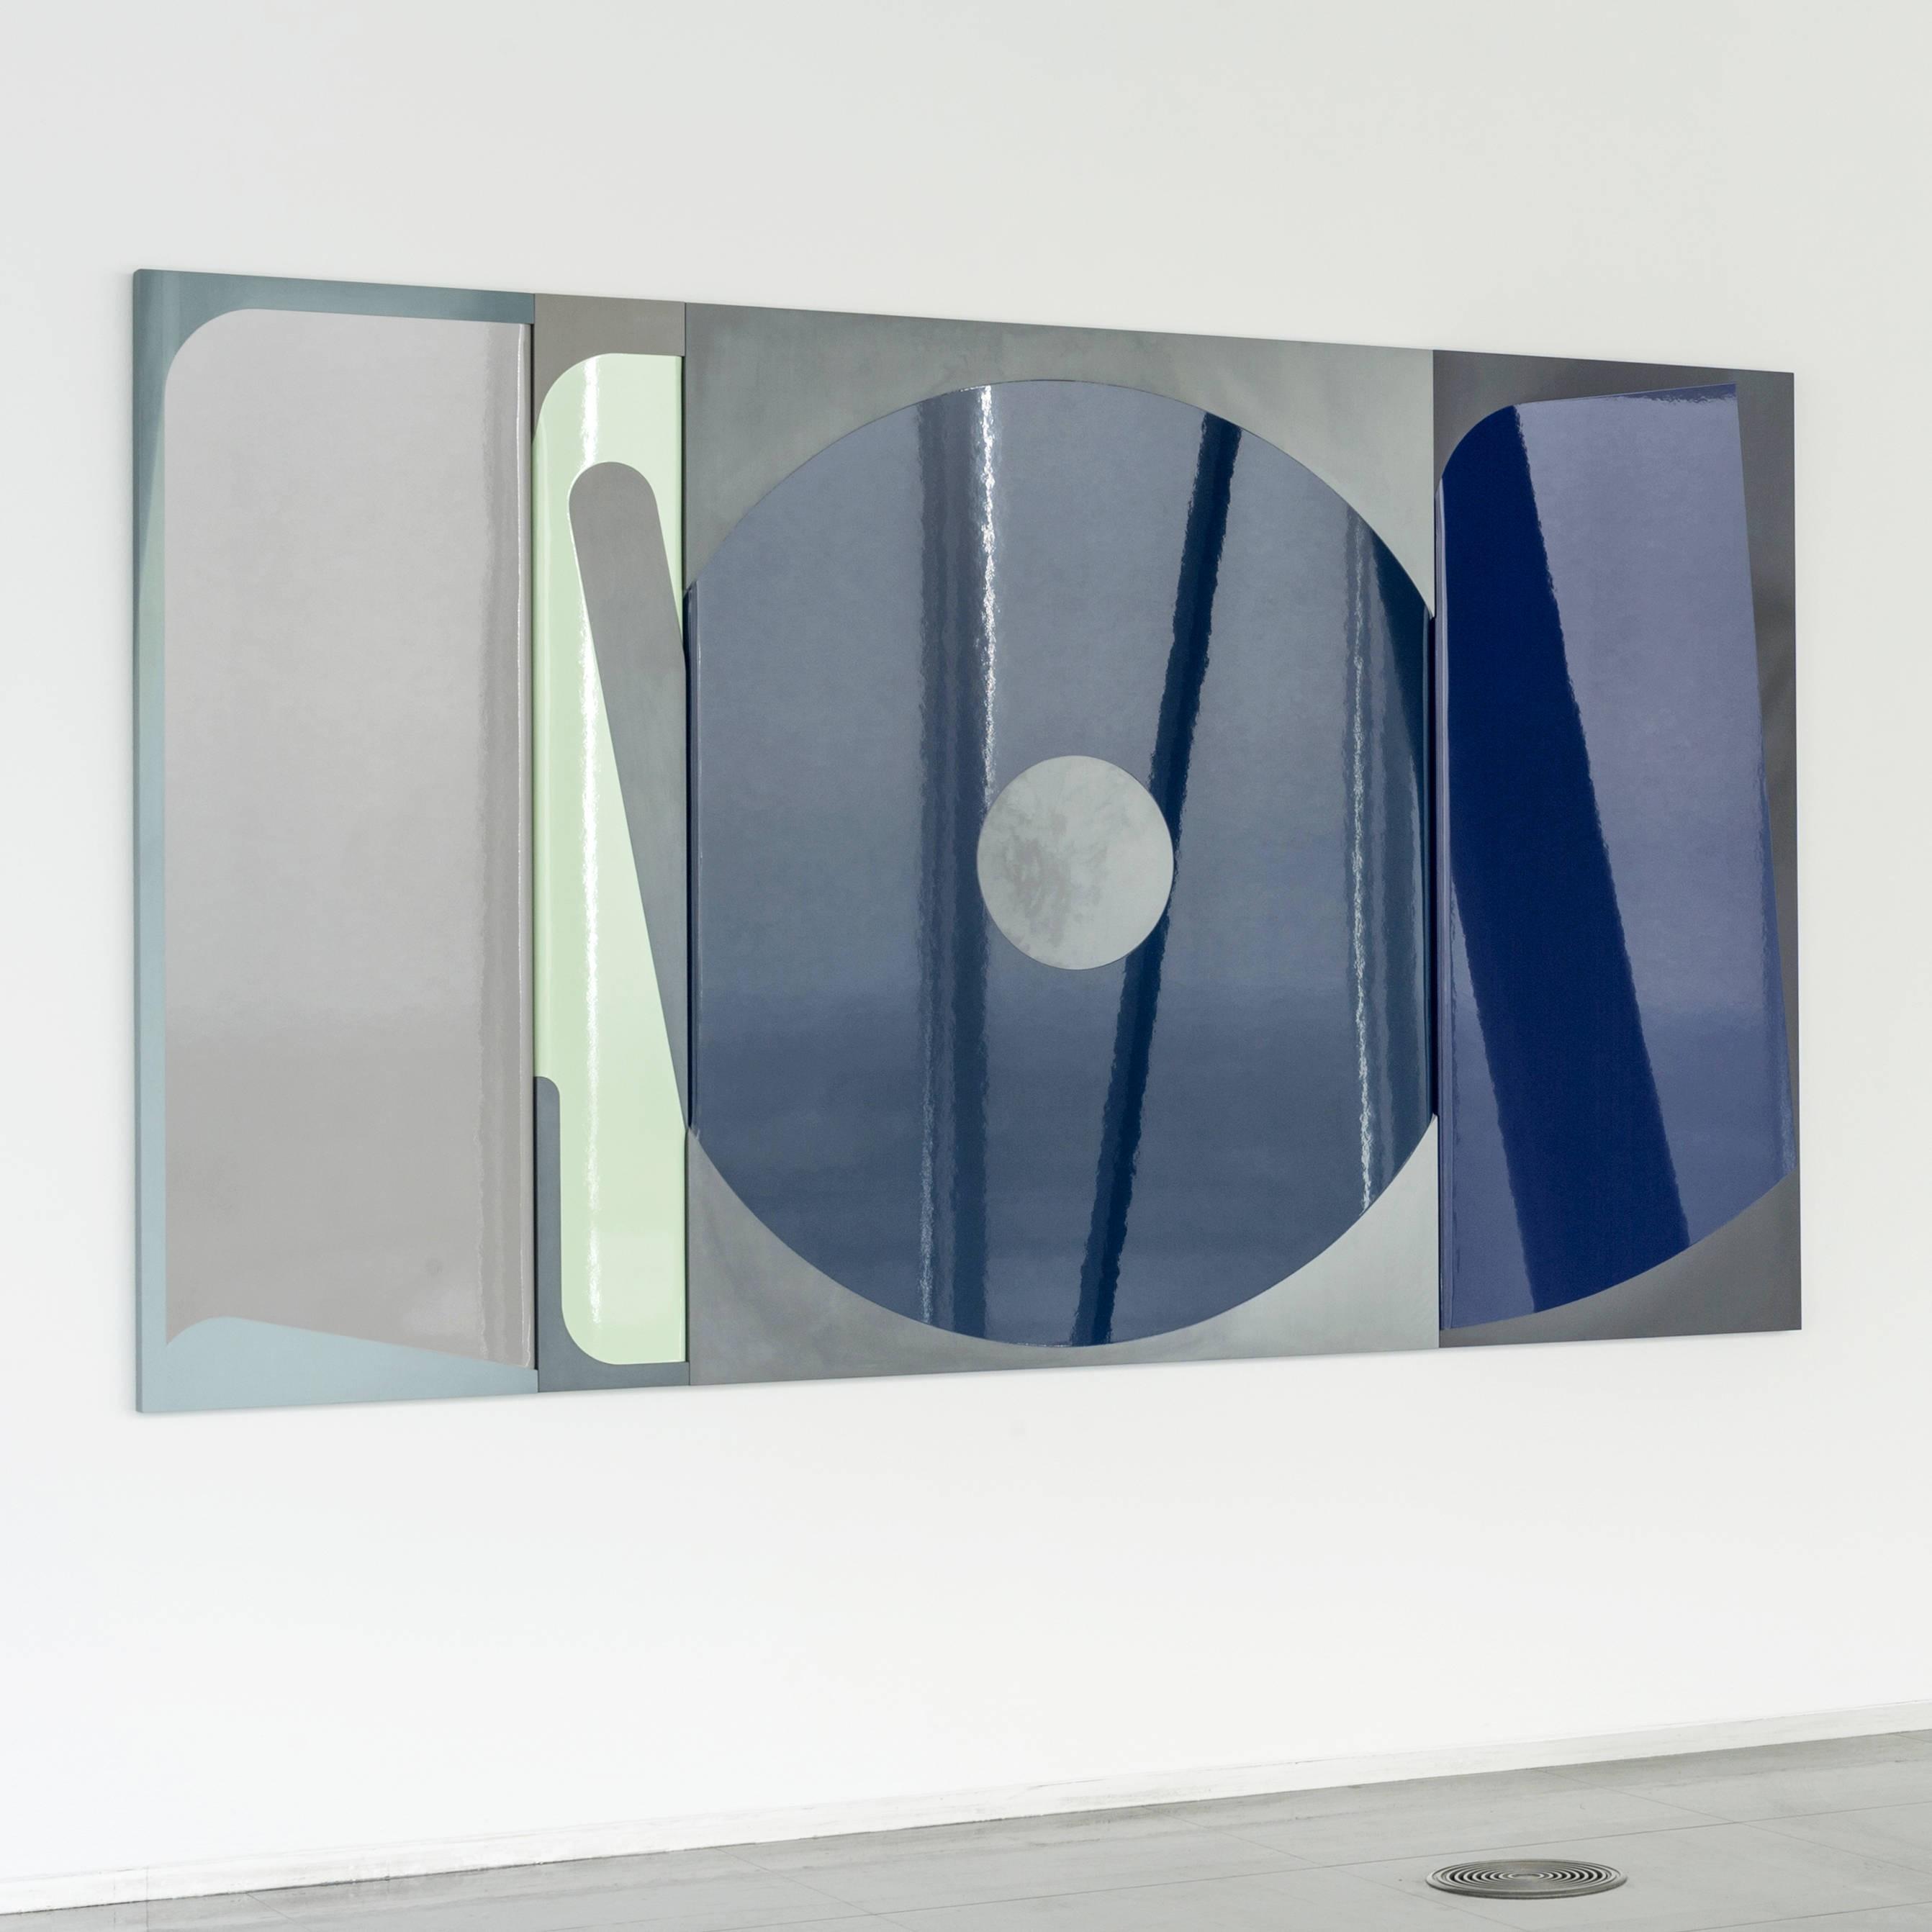 Florina Leinß: Split Sight